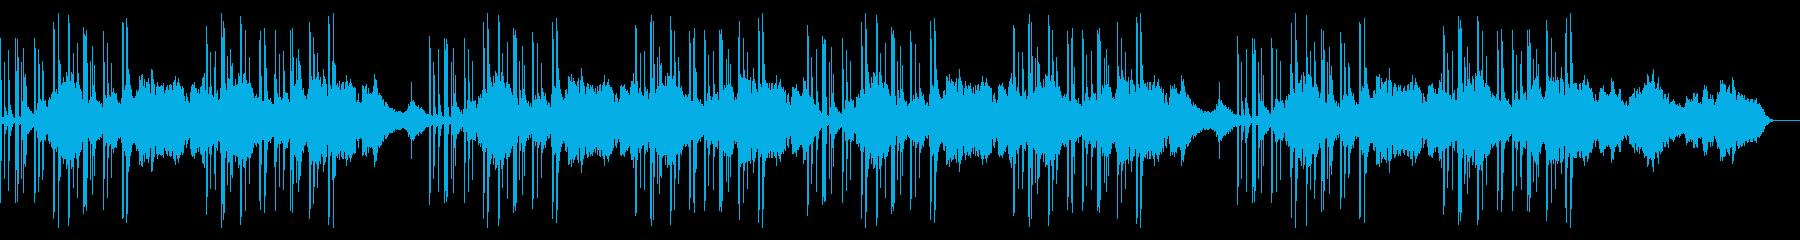 悲しい鬼 Textureの再生済みの波形